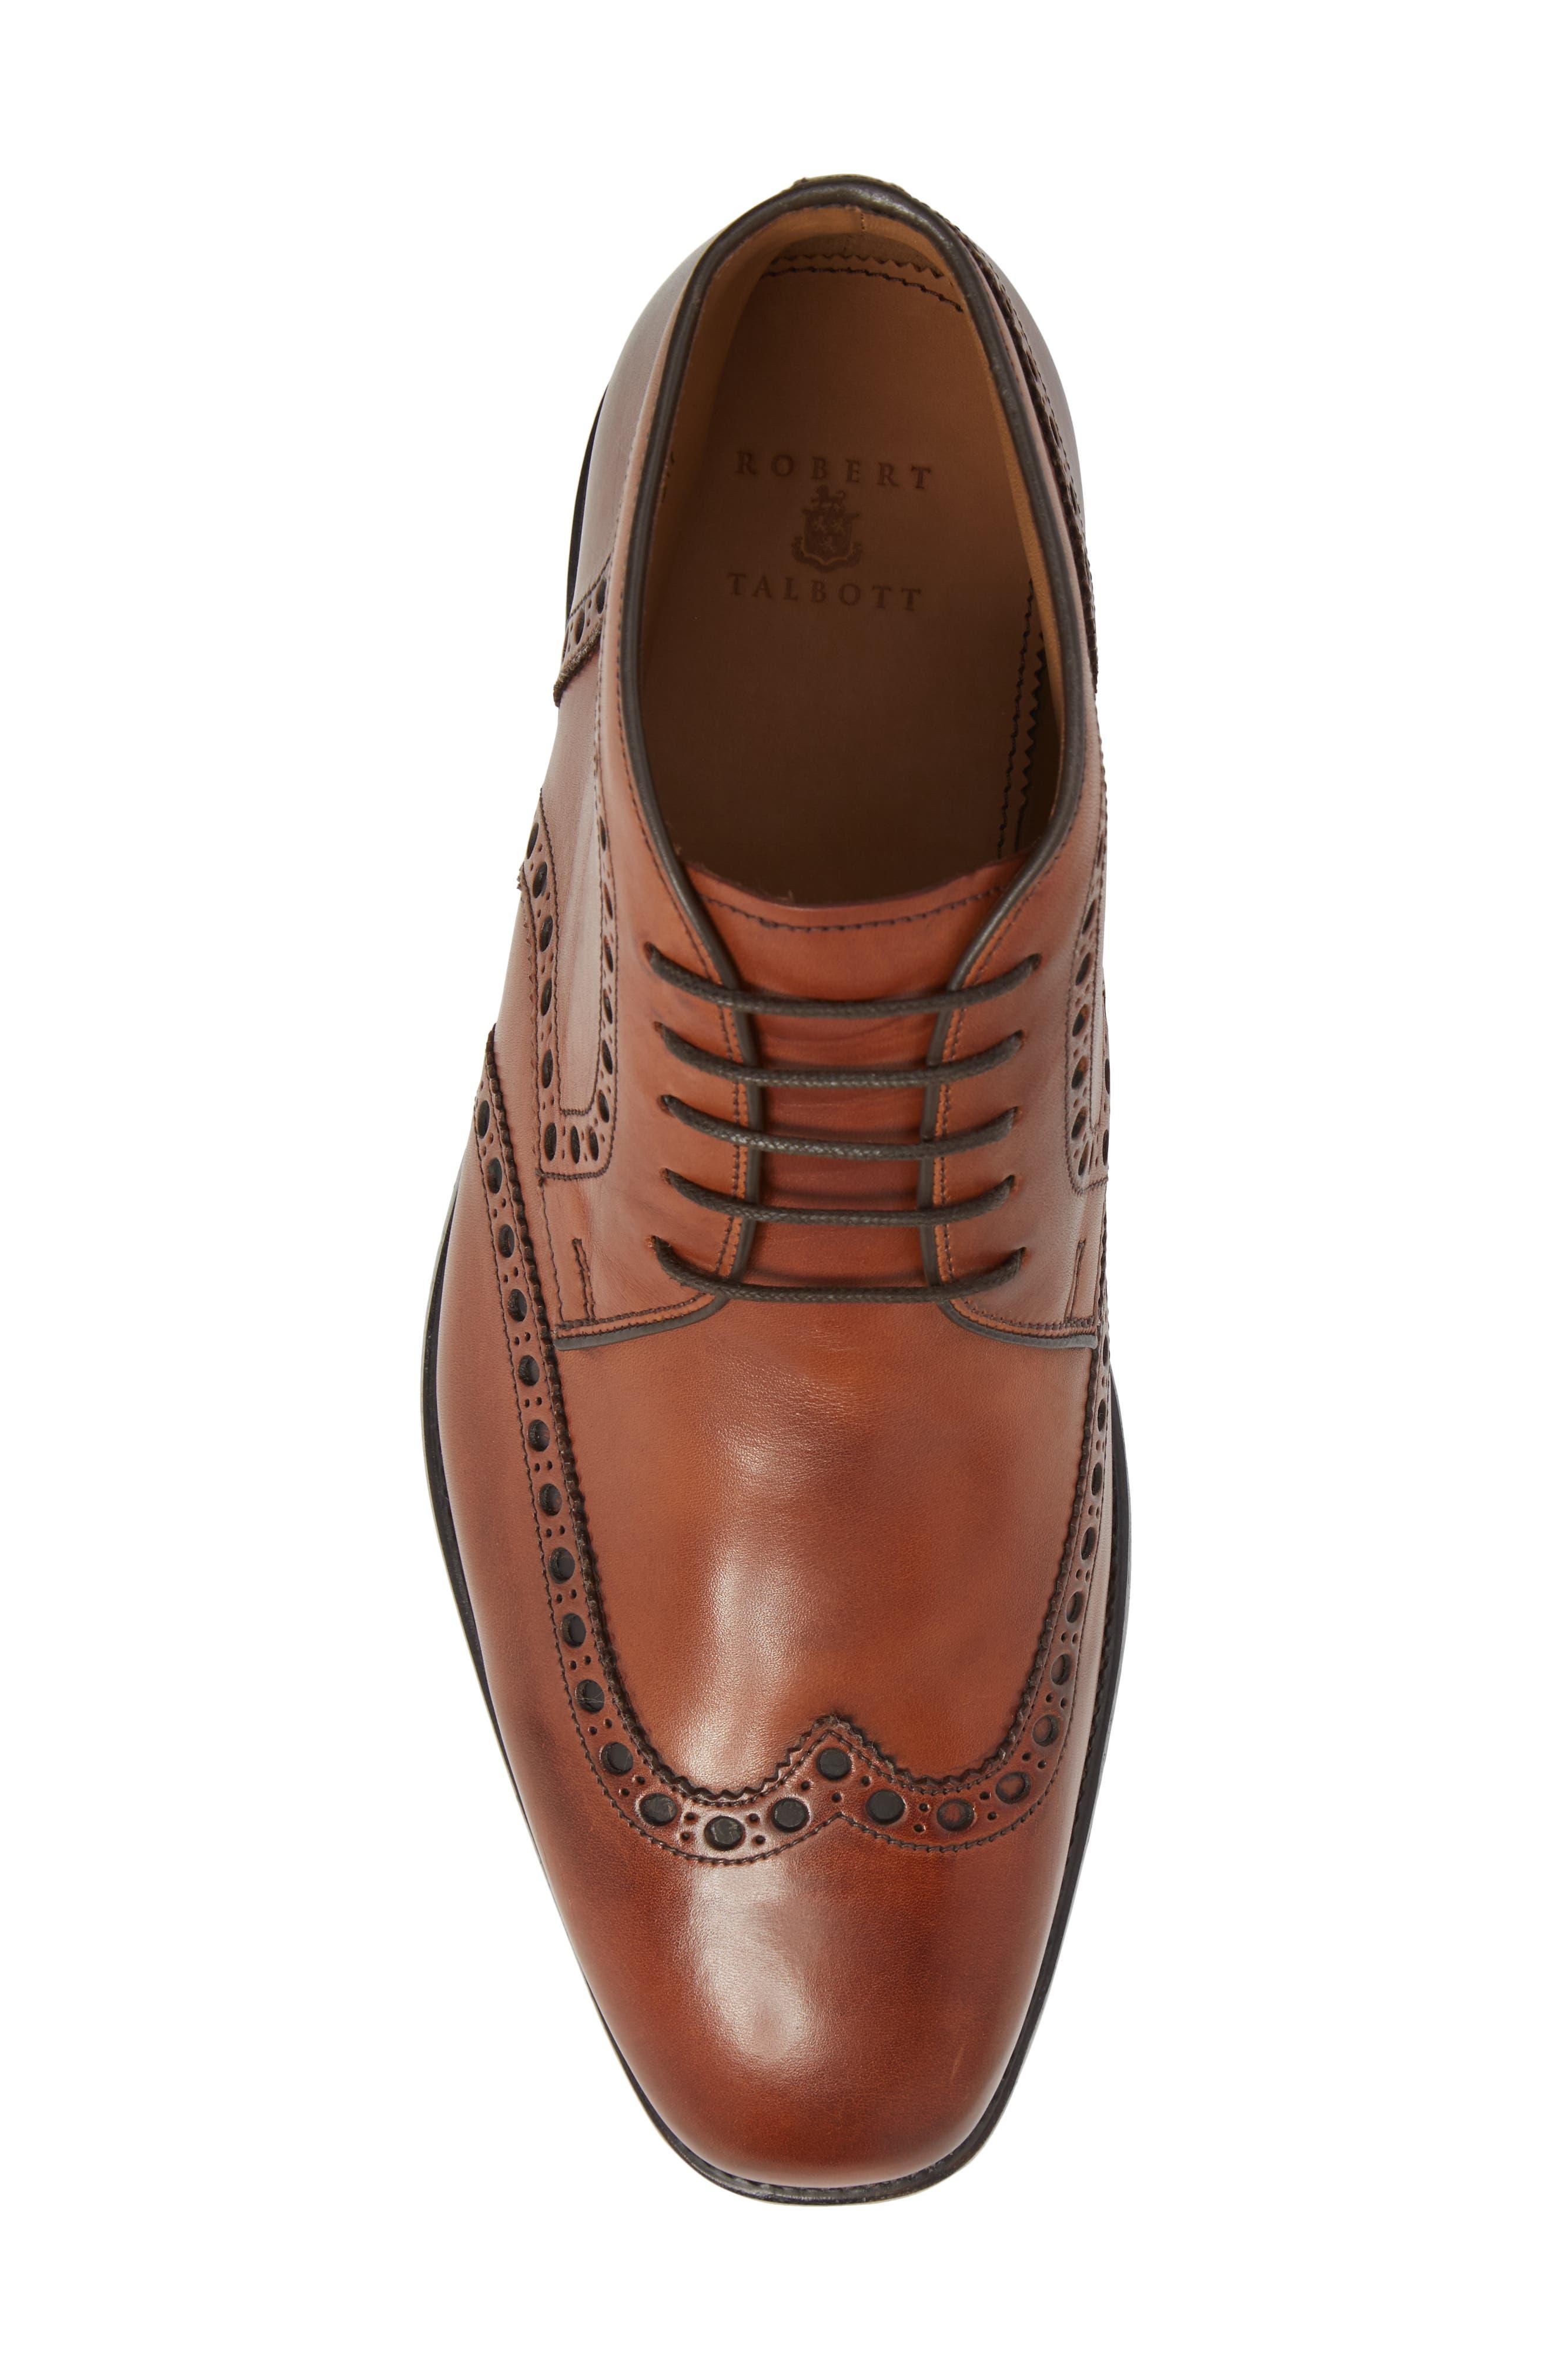 Presidio Wingtip Chukka Boot,                             Alternate thumbnail 5, color,                             Cognac